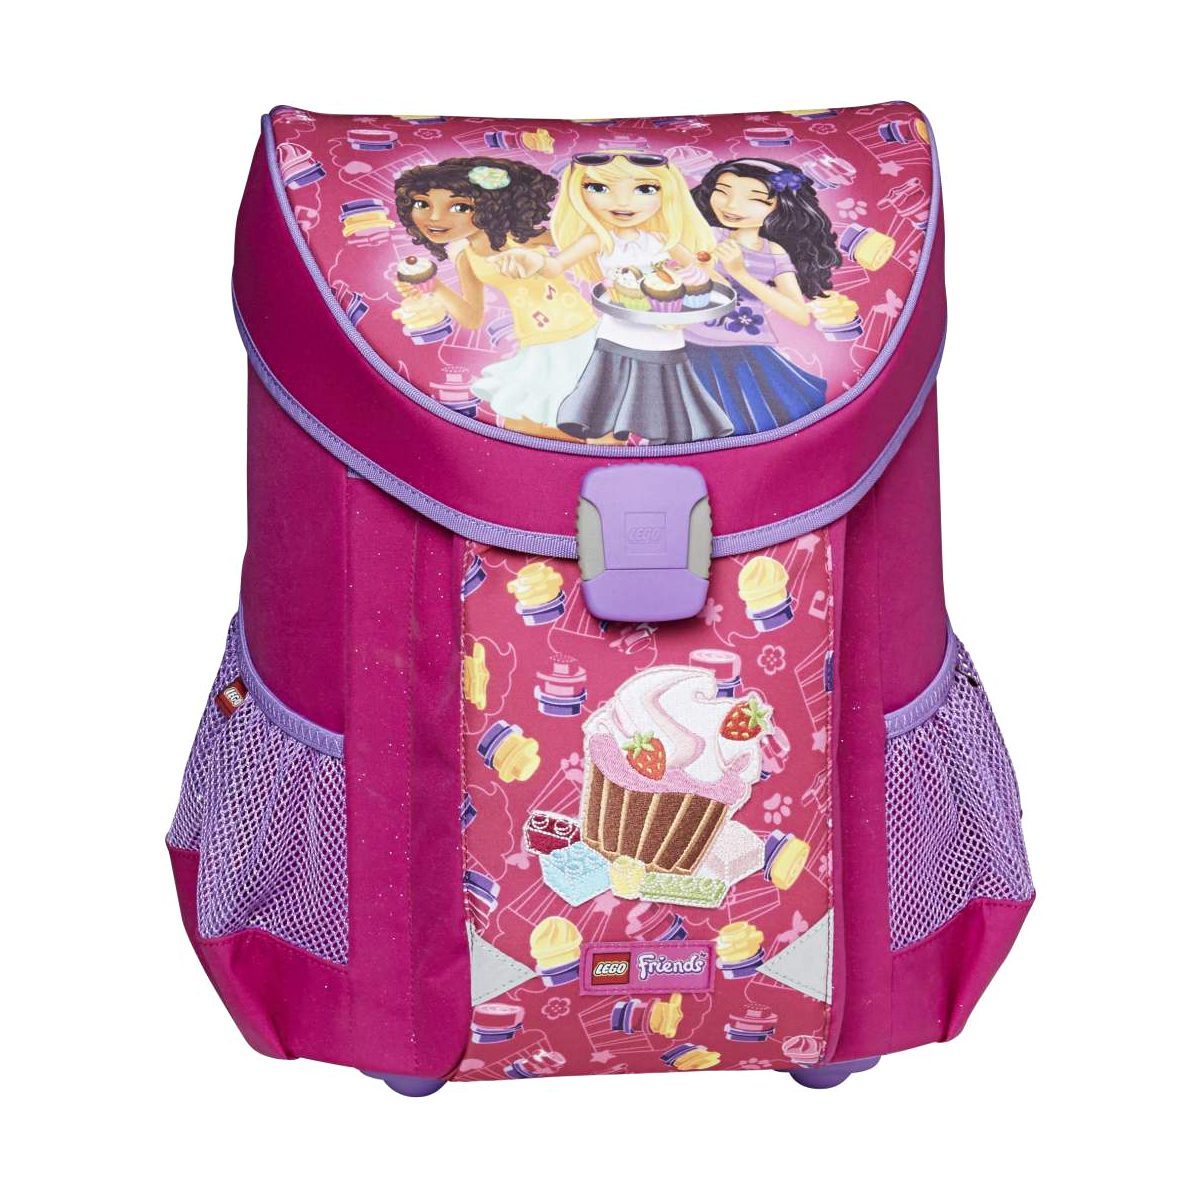 Ghiozdan Pentru Şcoală, Friends Cupcake, Easy, Core Line, Roz, Lego, LG-20043-1711